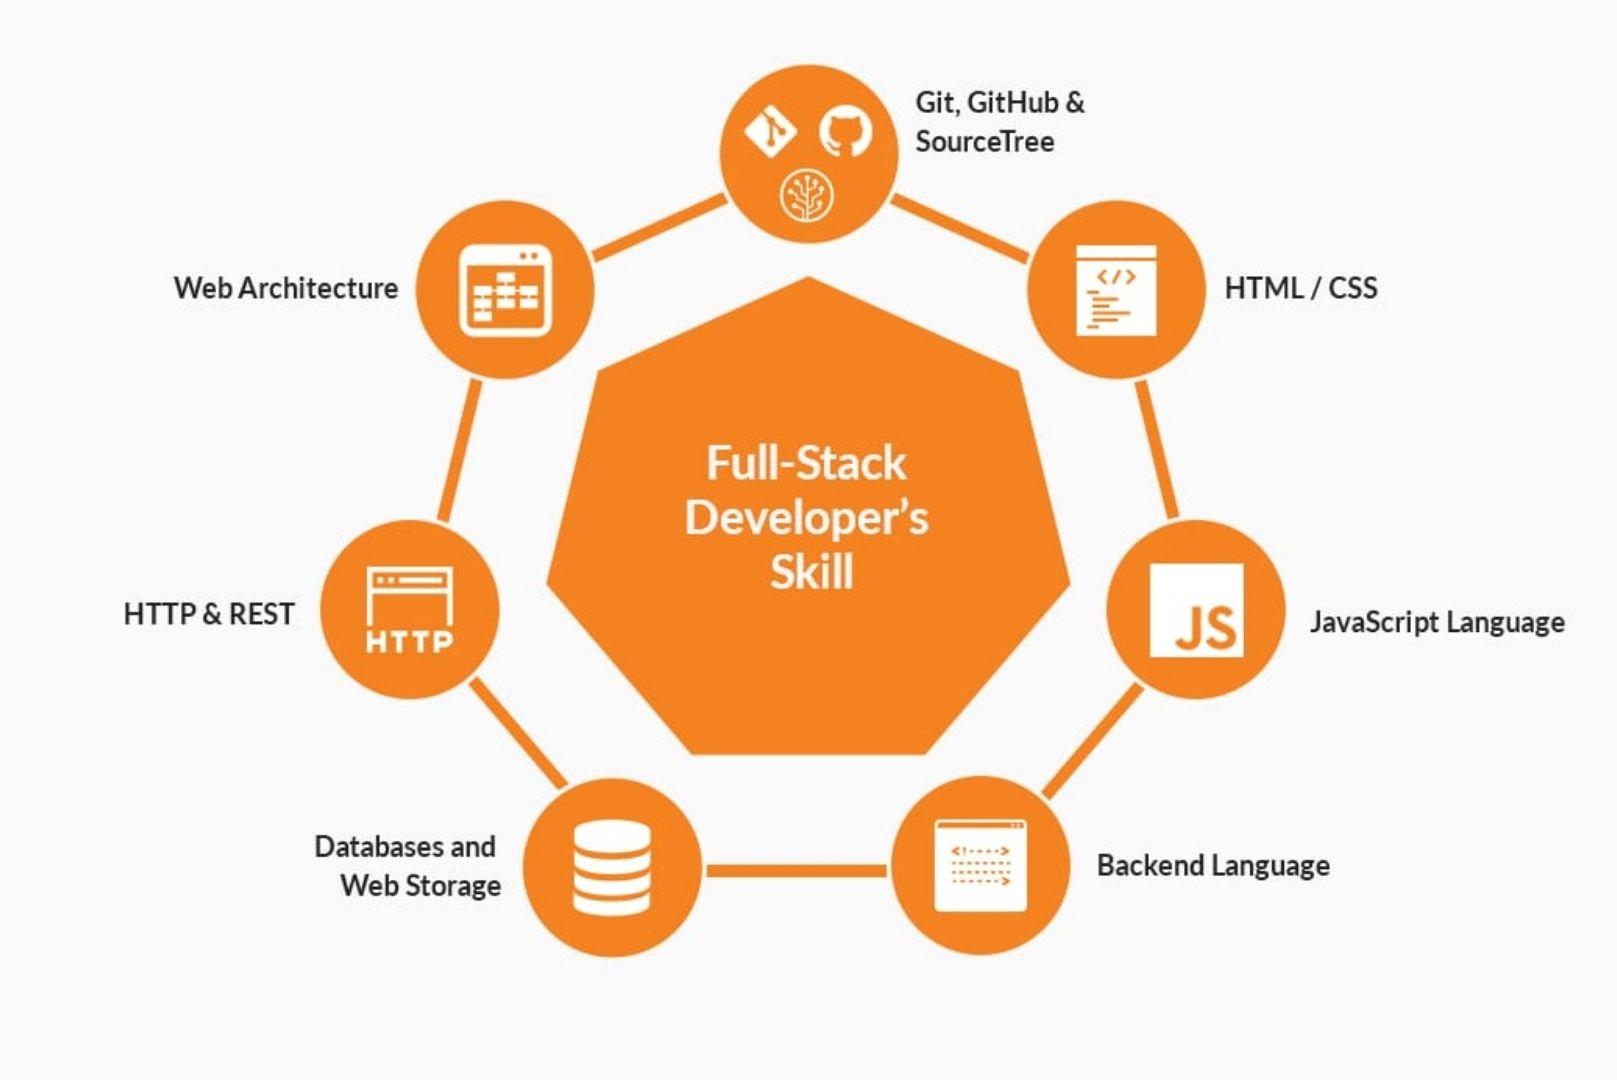 Full-stack developer's skills